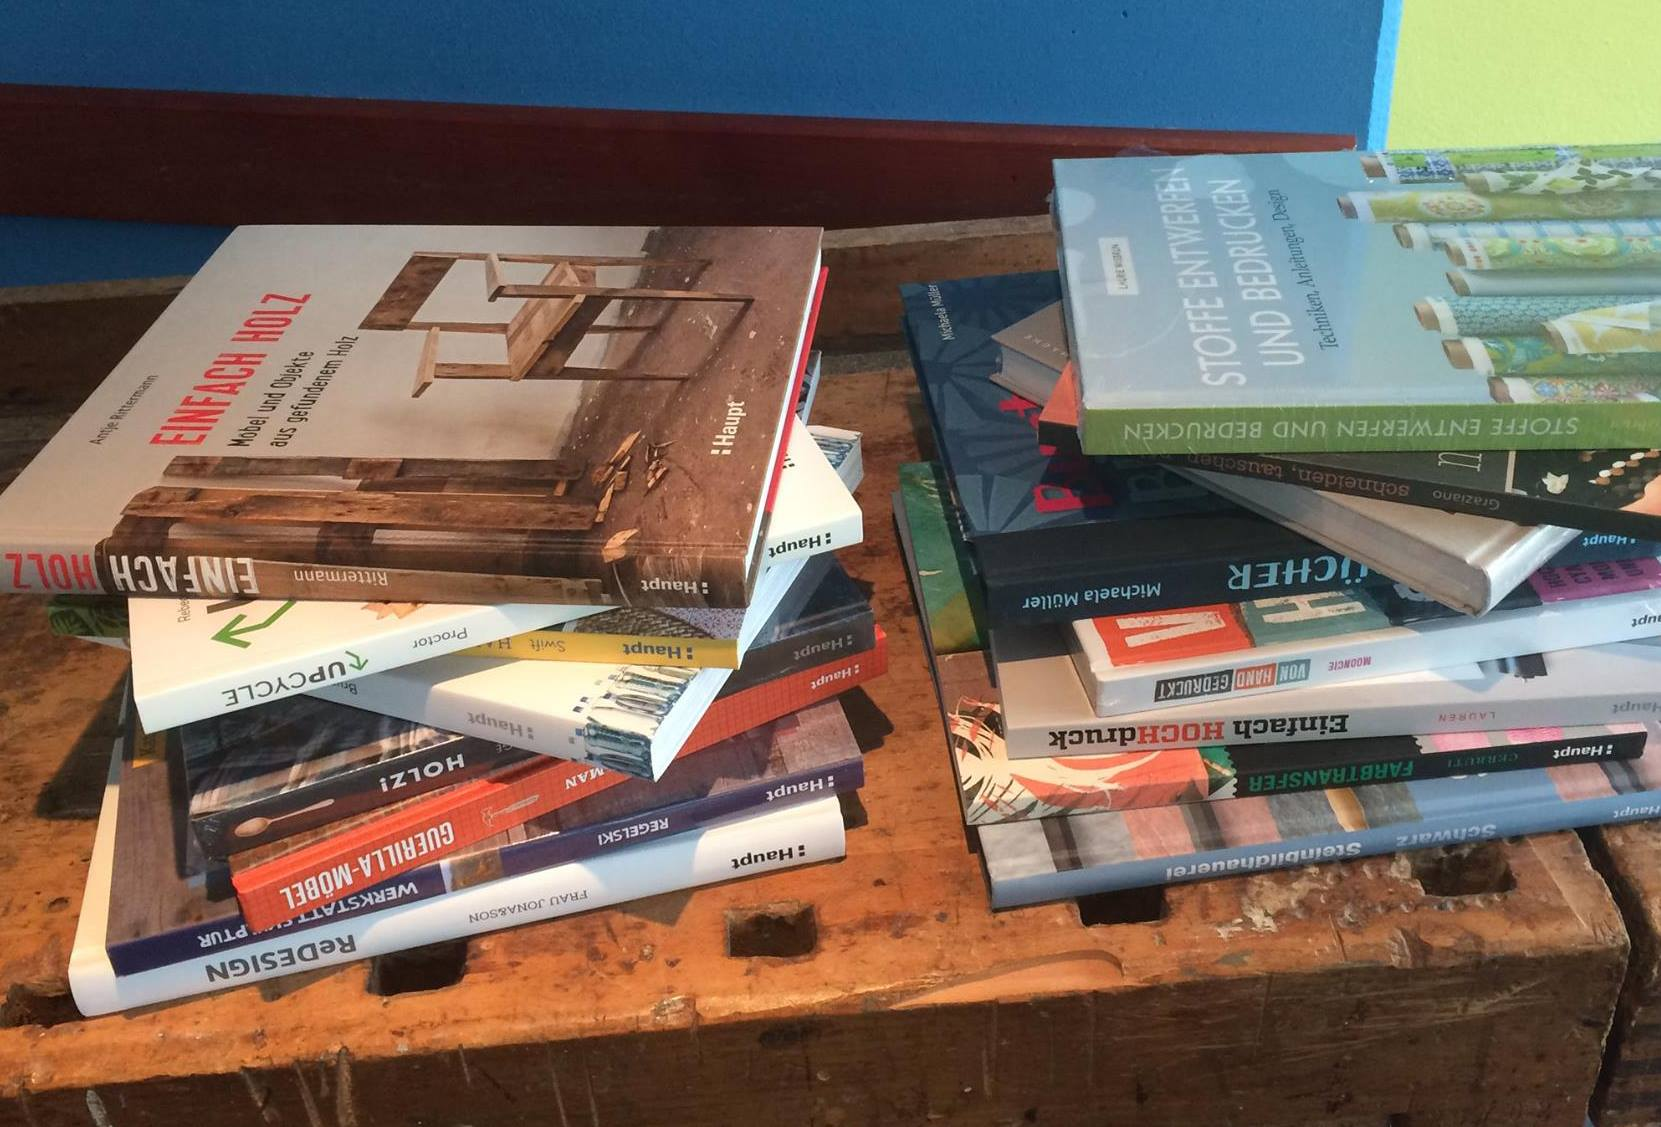 Für unser Café haben wir spannende Bücher mit vielen Ideen zum Gestalten bekommen. Vielen Dank an den Haupt Verlag für das Sponsoring!